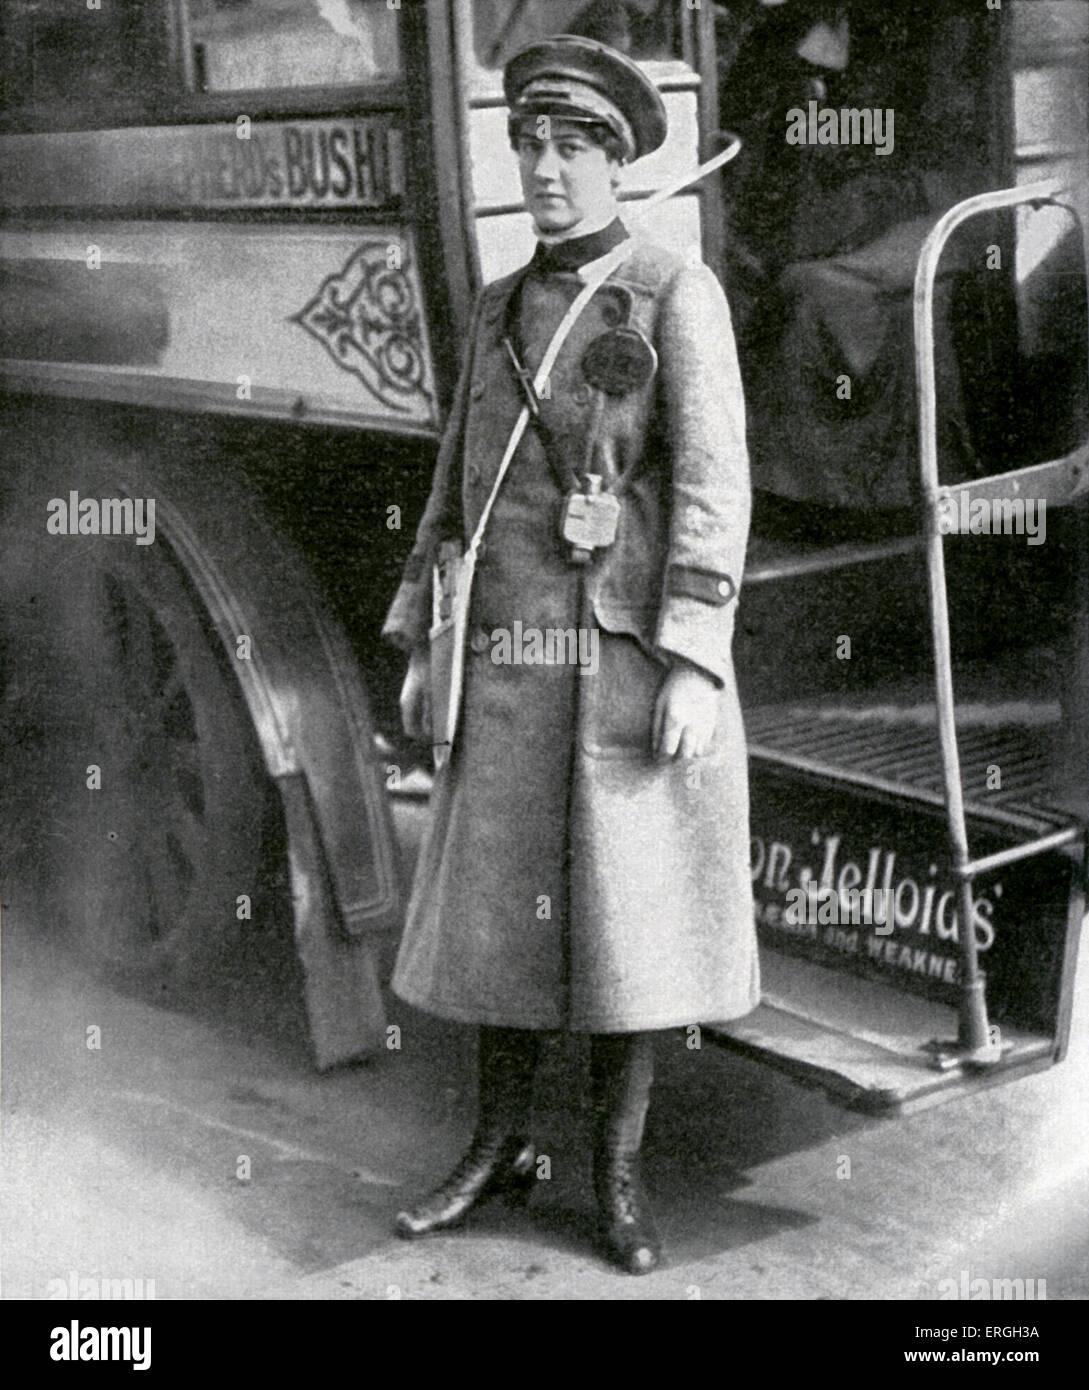 Femmina conduttore bus durante la Guerra Mondiale 1, Londra, Regno Unito. Aprile 1916. Immagini Stock